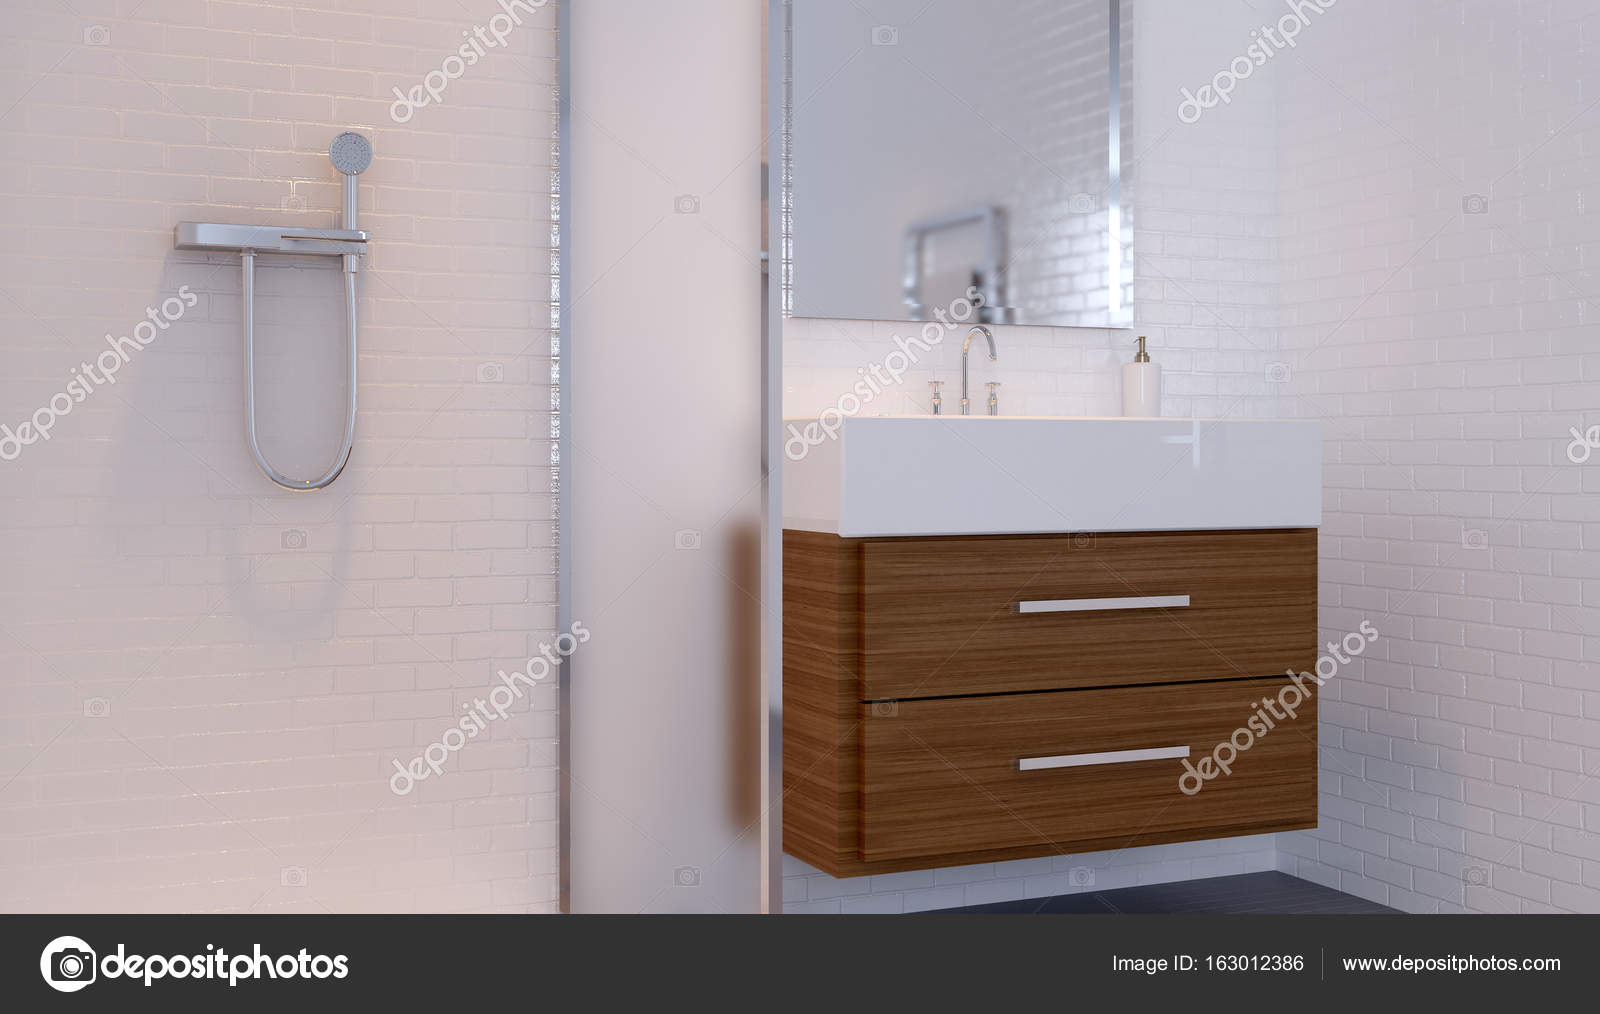 Badezimmer in Grautönen mit Fußbodenheizung. 3D-Rendering ...